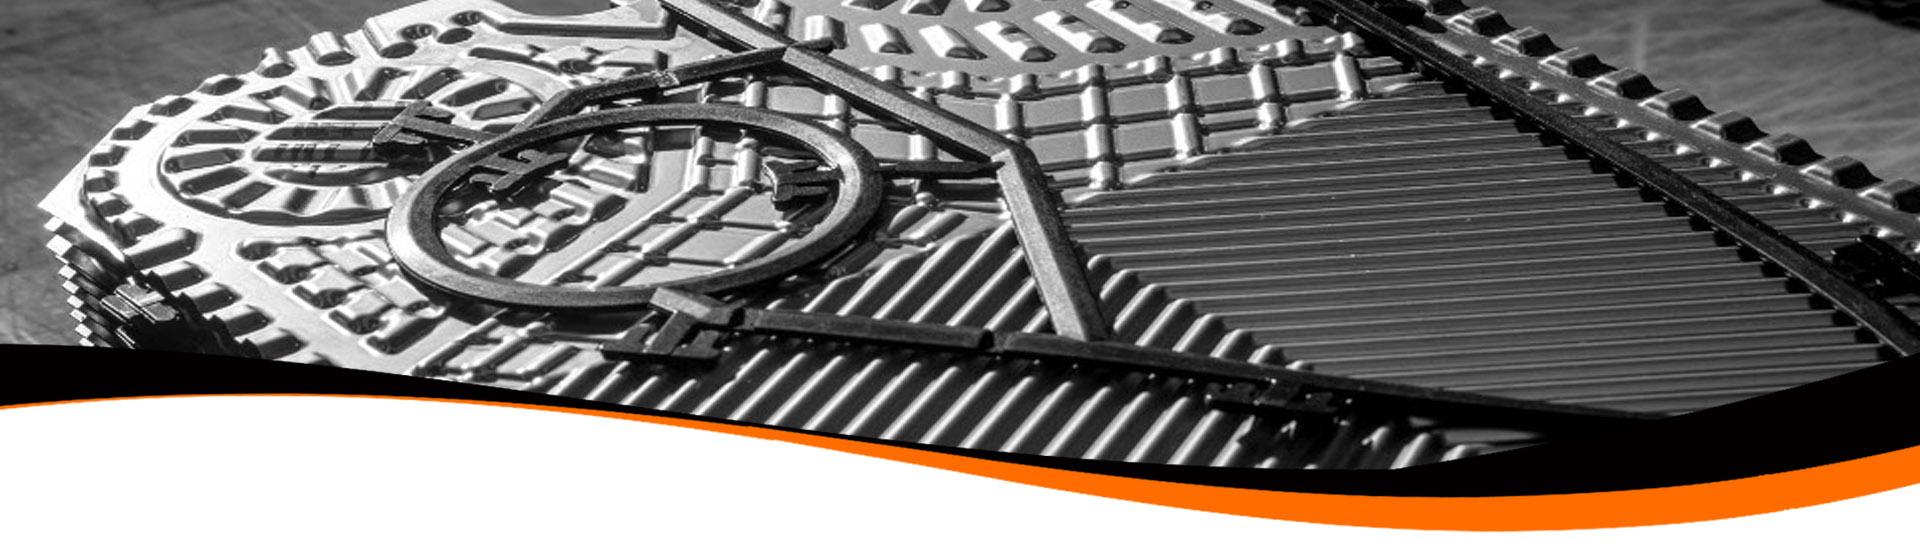 Техноснаб. Запасные части для теплообменного оборудования Alfa Laval